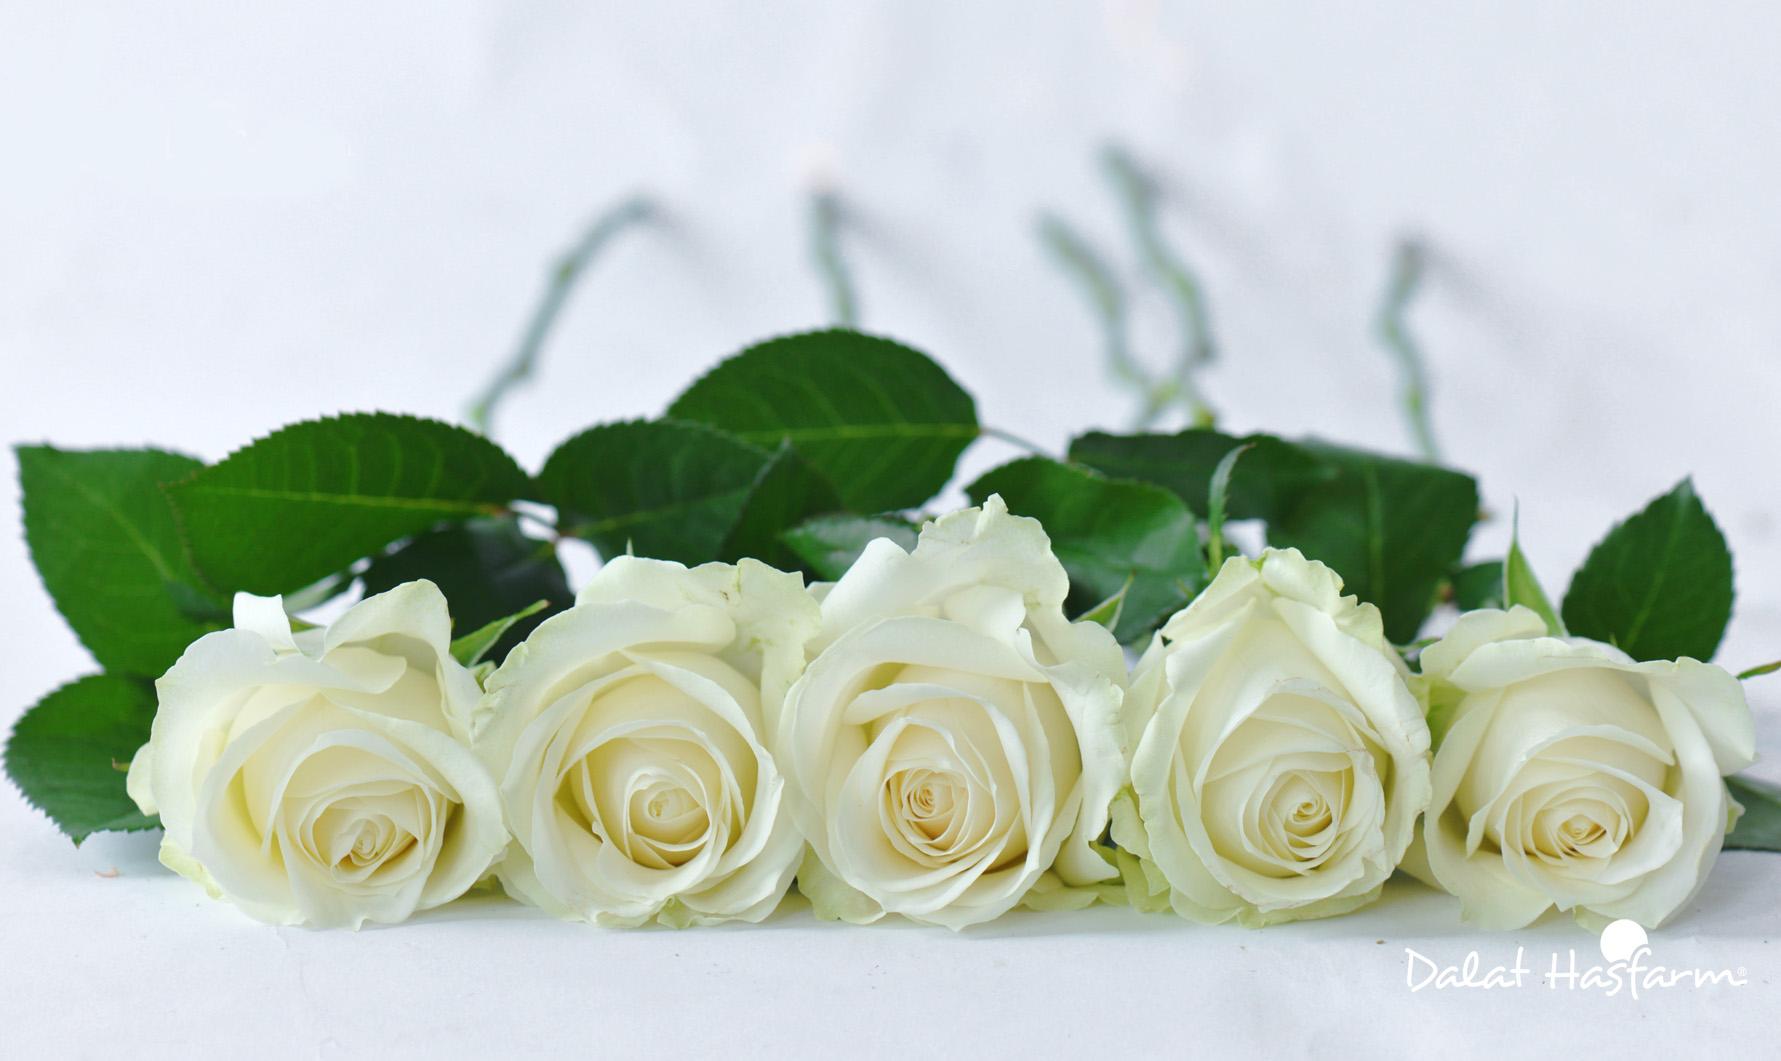 Năm bông hồng trắng xếp gần nhau